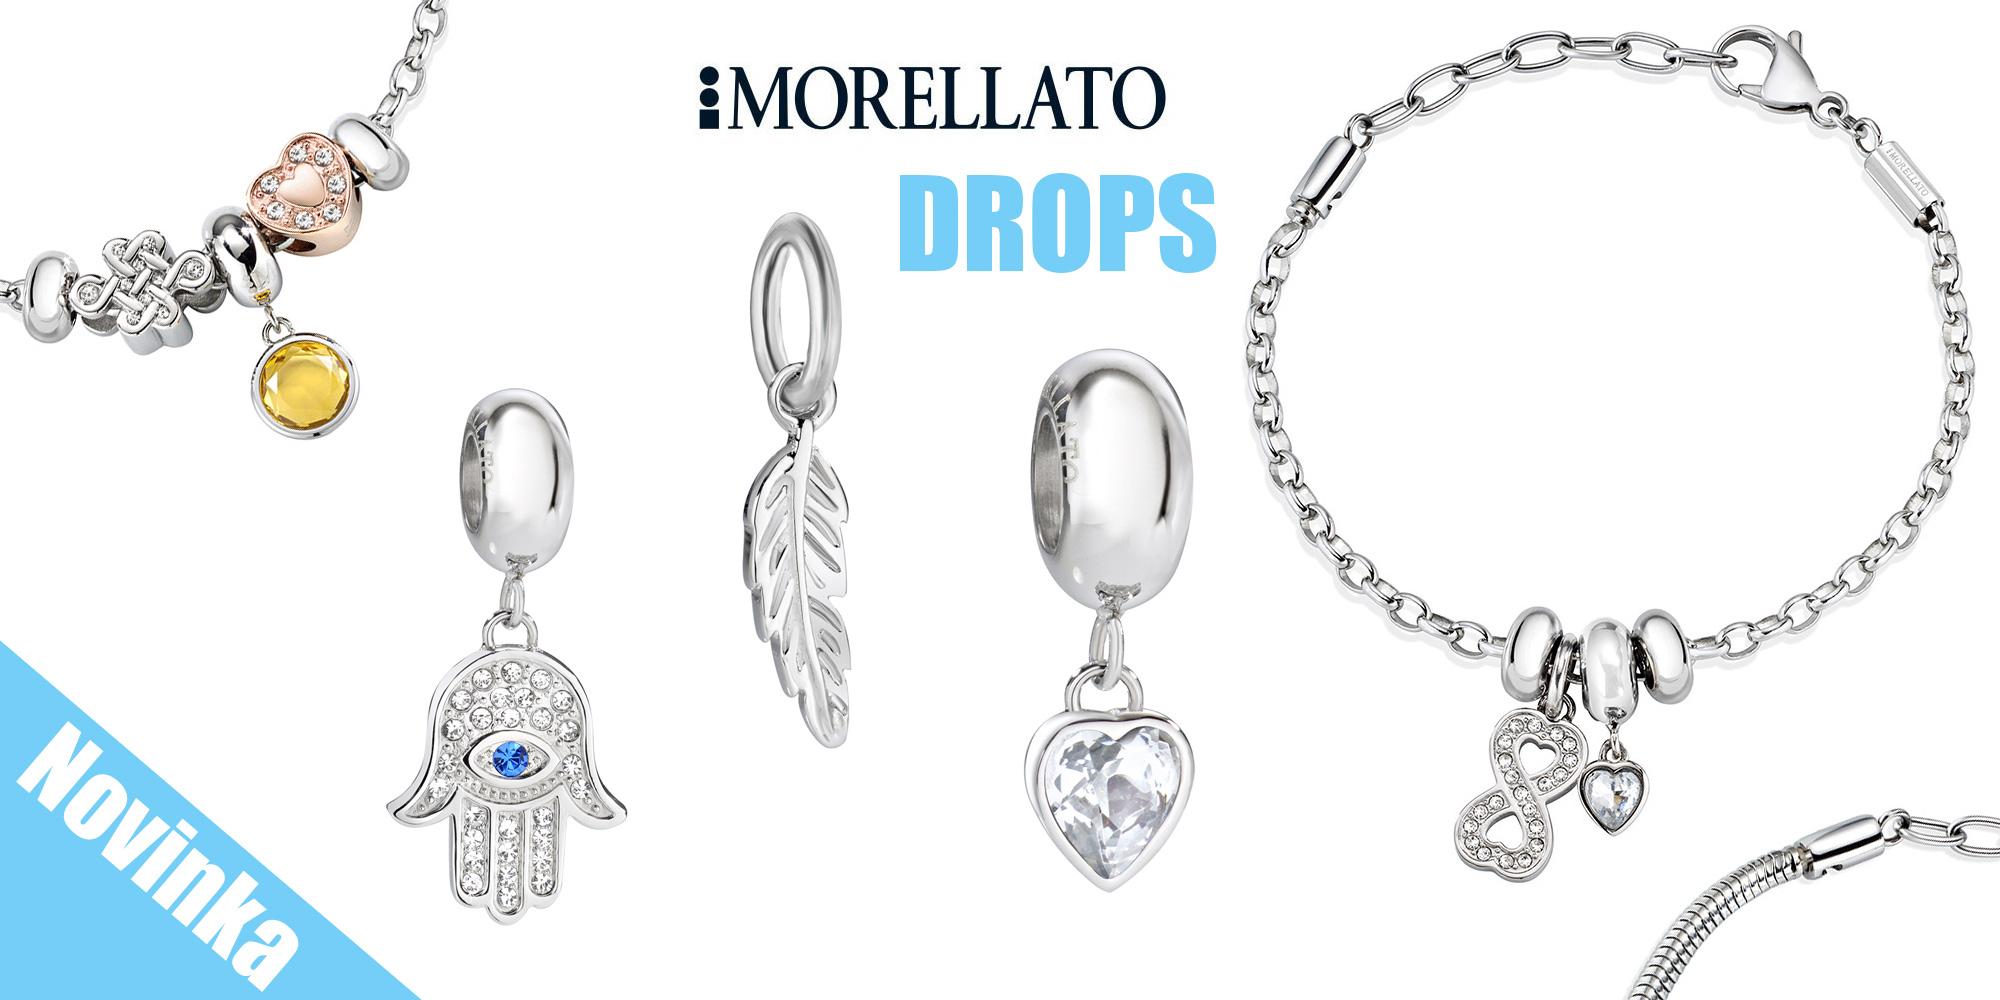 morellato-drops.jpg